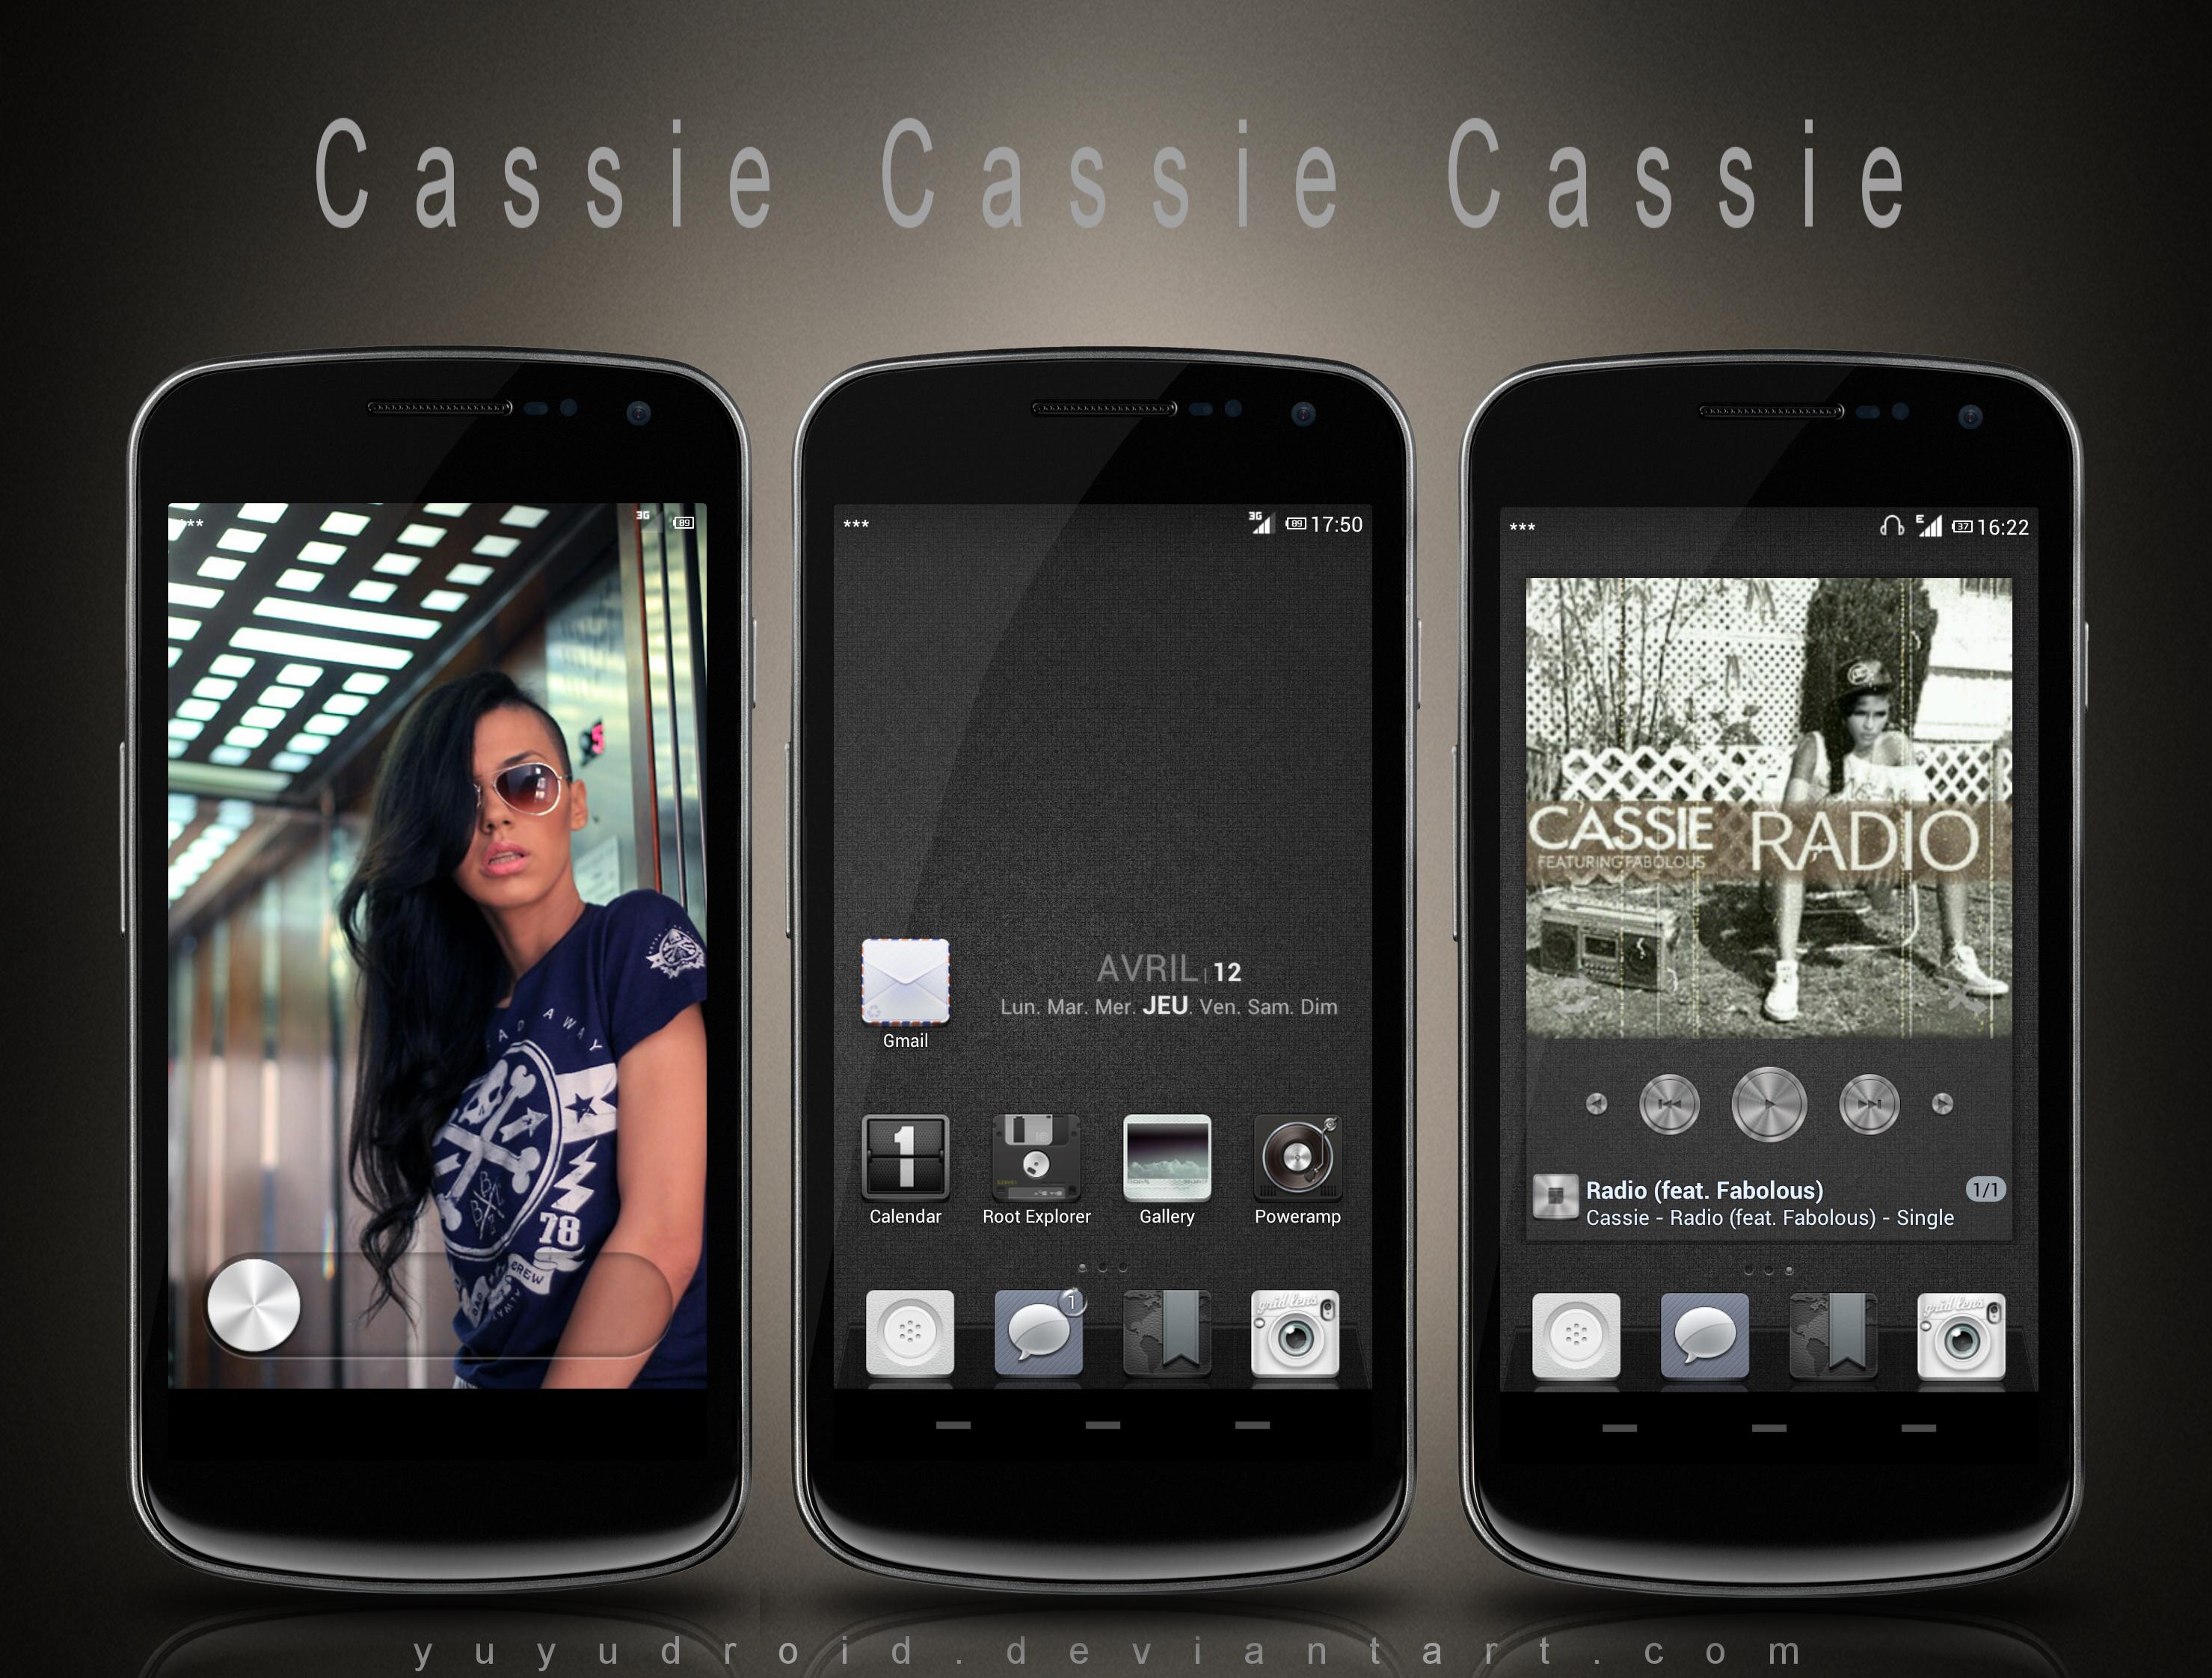 Cassie Cassie Cassie by yuyudroid